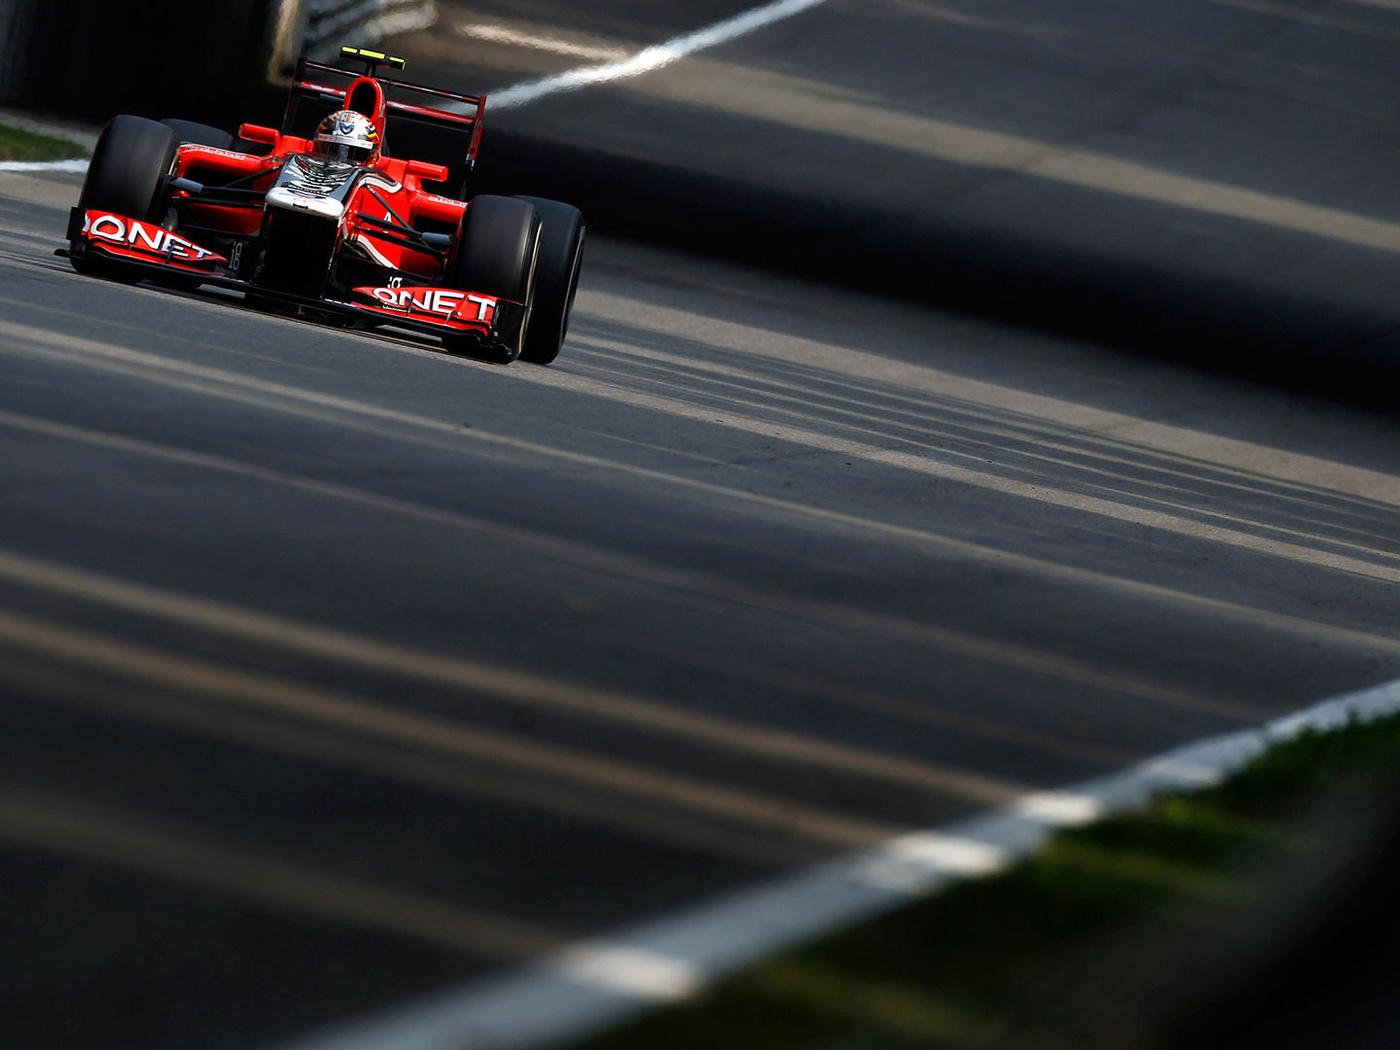 monza, autosport, virgin, formula 1, italy, F1, marussia, grand prix, 2011, vr-02